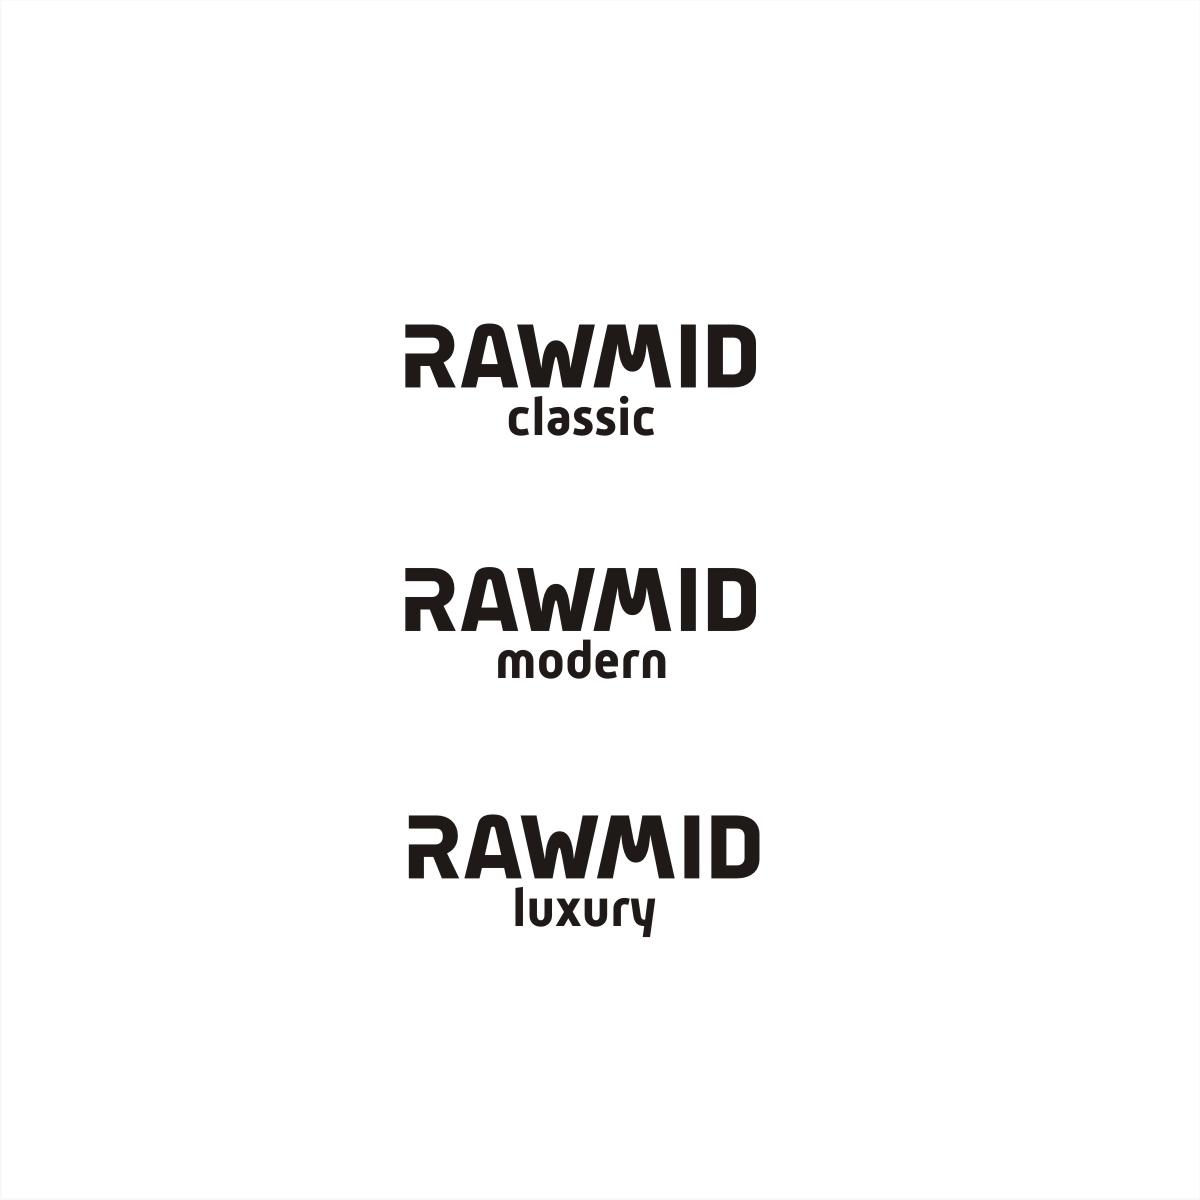 Создать логотип (буквенная часть) для бренда бытовой техники фото f_9115b3393bb9d4d0.jpg